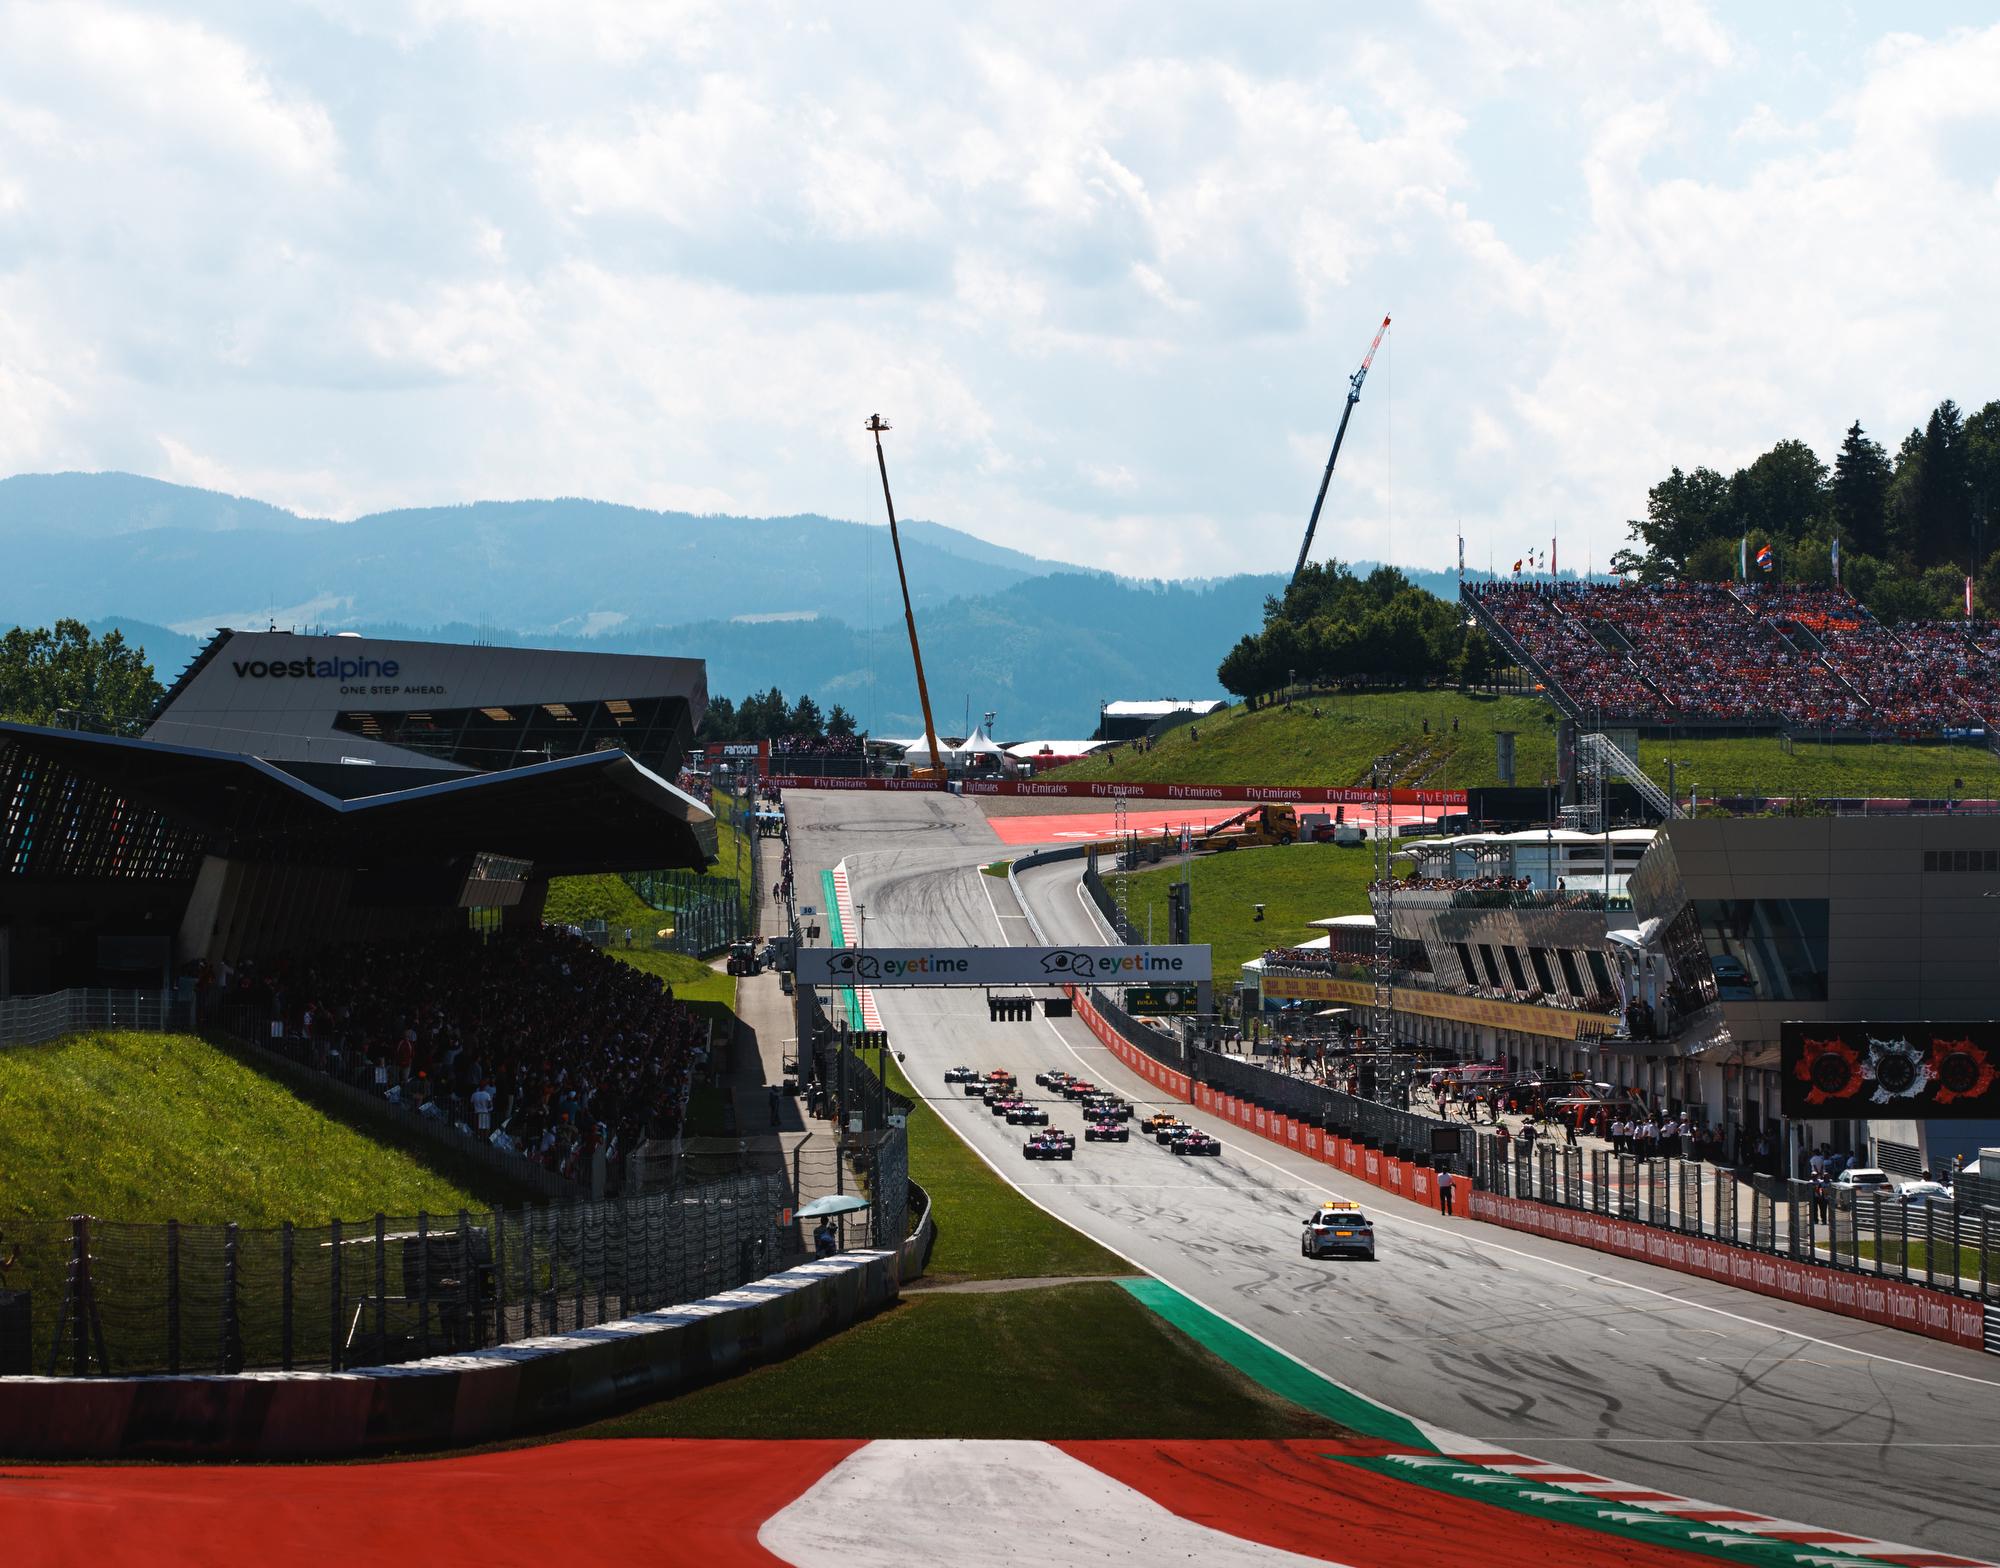 Race start. 2018 FIA Formula 1 Championship, Speilberg, Austria.